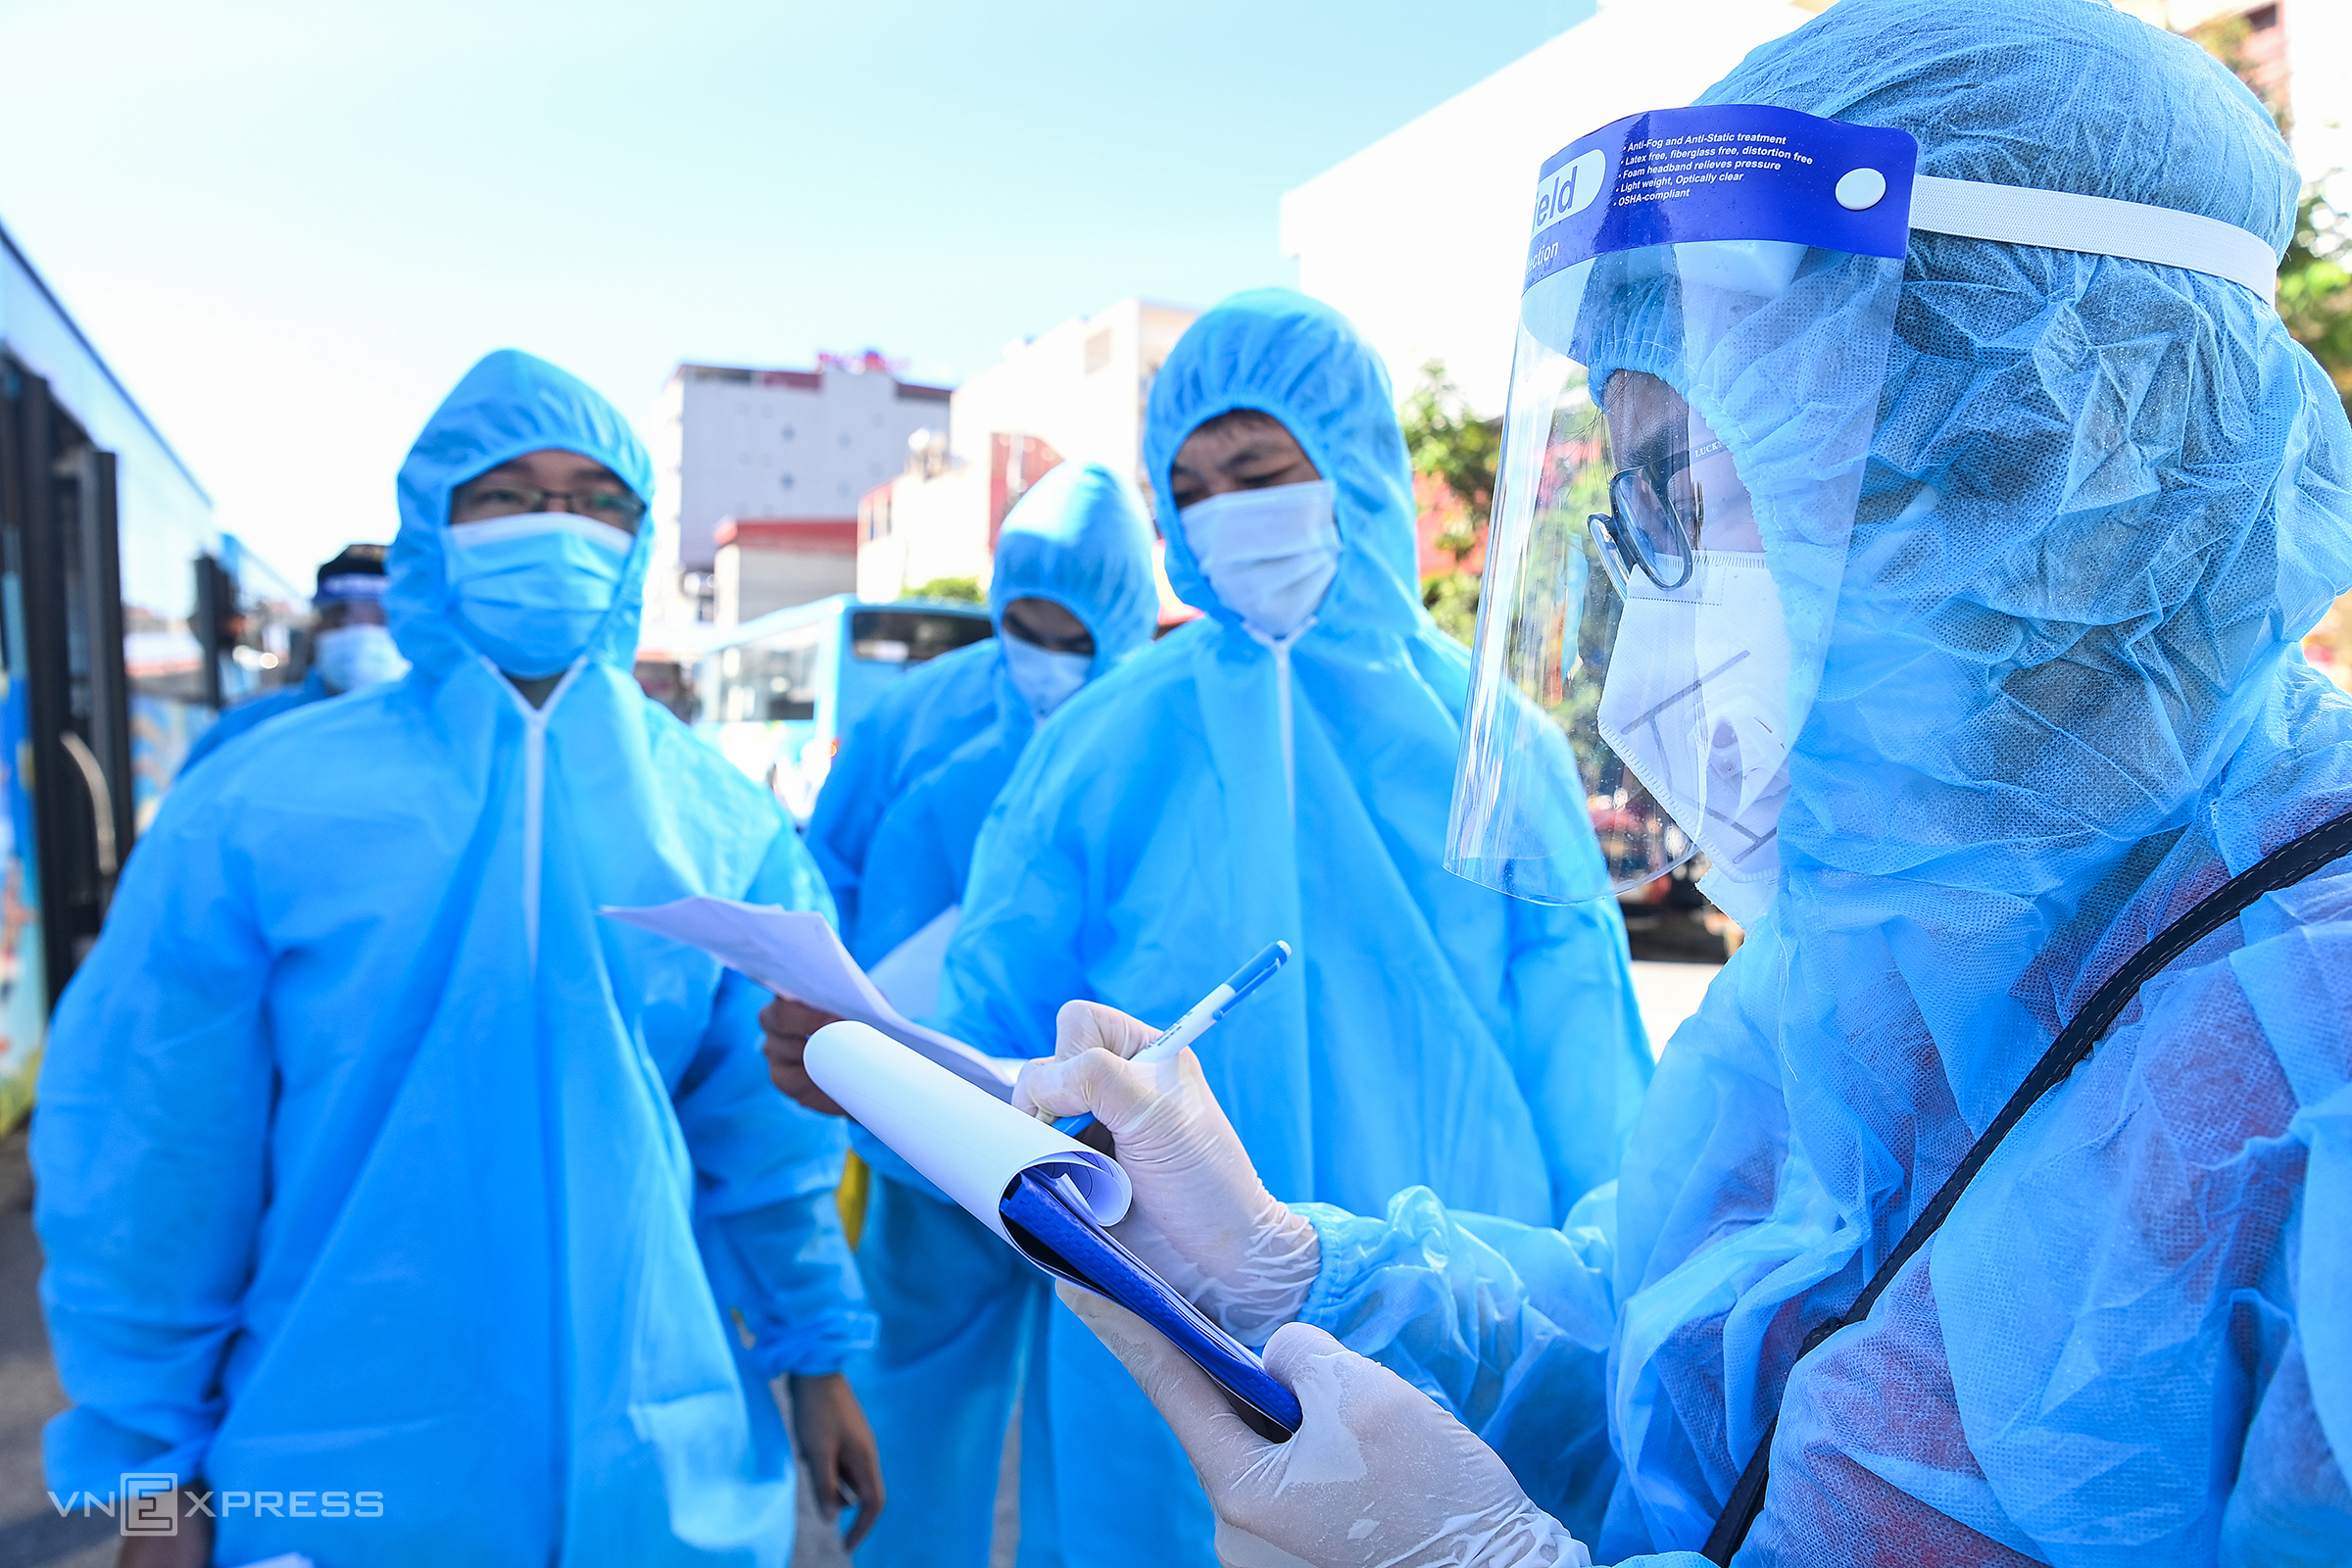 Nhân viên điểm danh công nhân từ Bắc Giang về Hà Nội, ngày 15/6. Ảnh:Giang Huy.